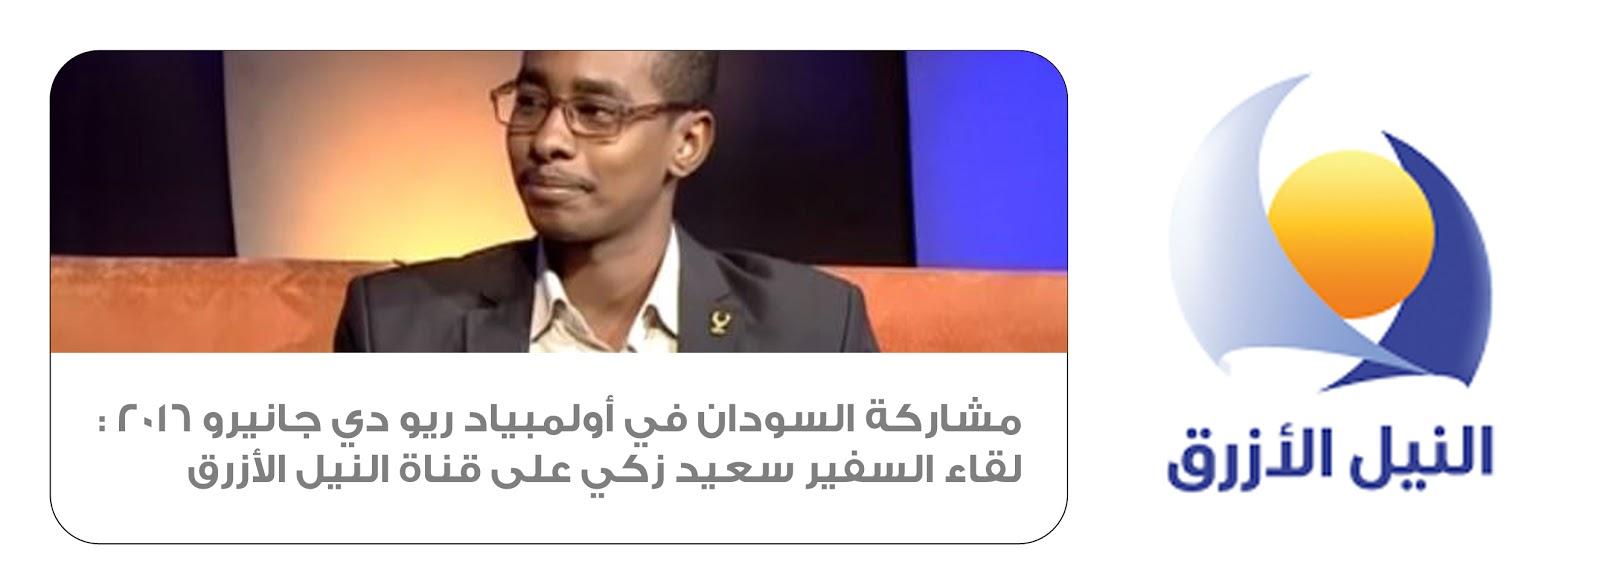 مقابلة السفير سعيد زكي على قناة النيل الأزرق